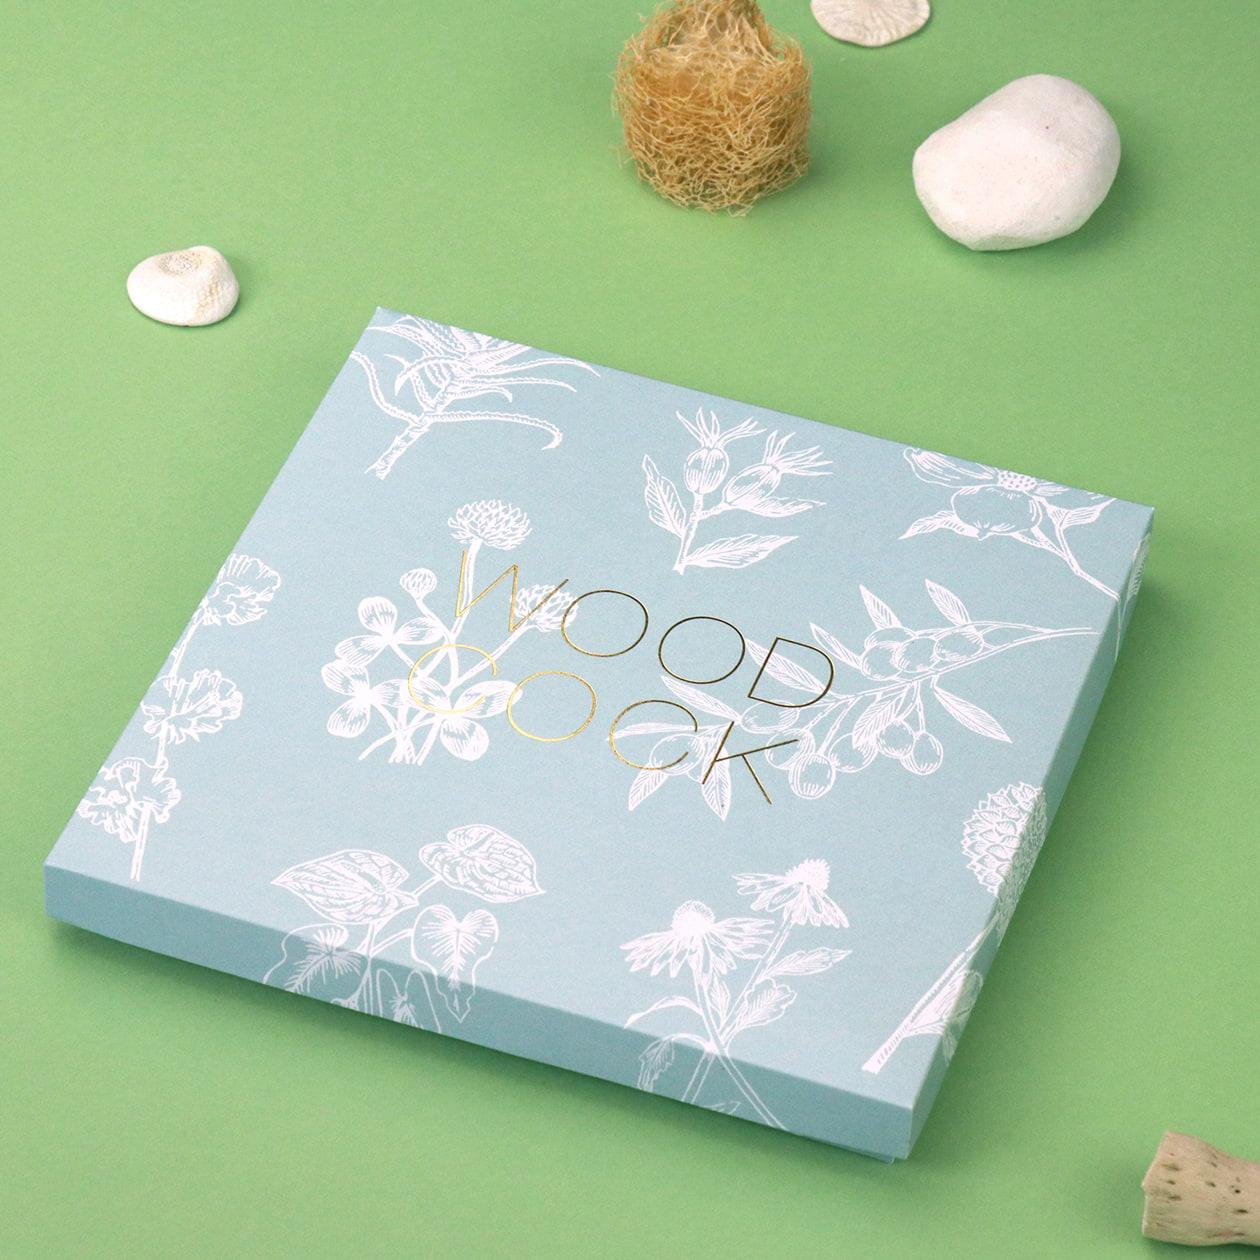 タオルと入浴剤のセットパッケージ